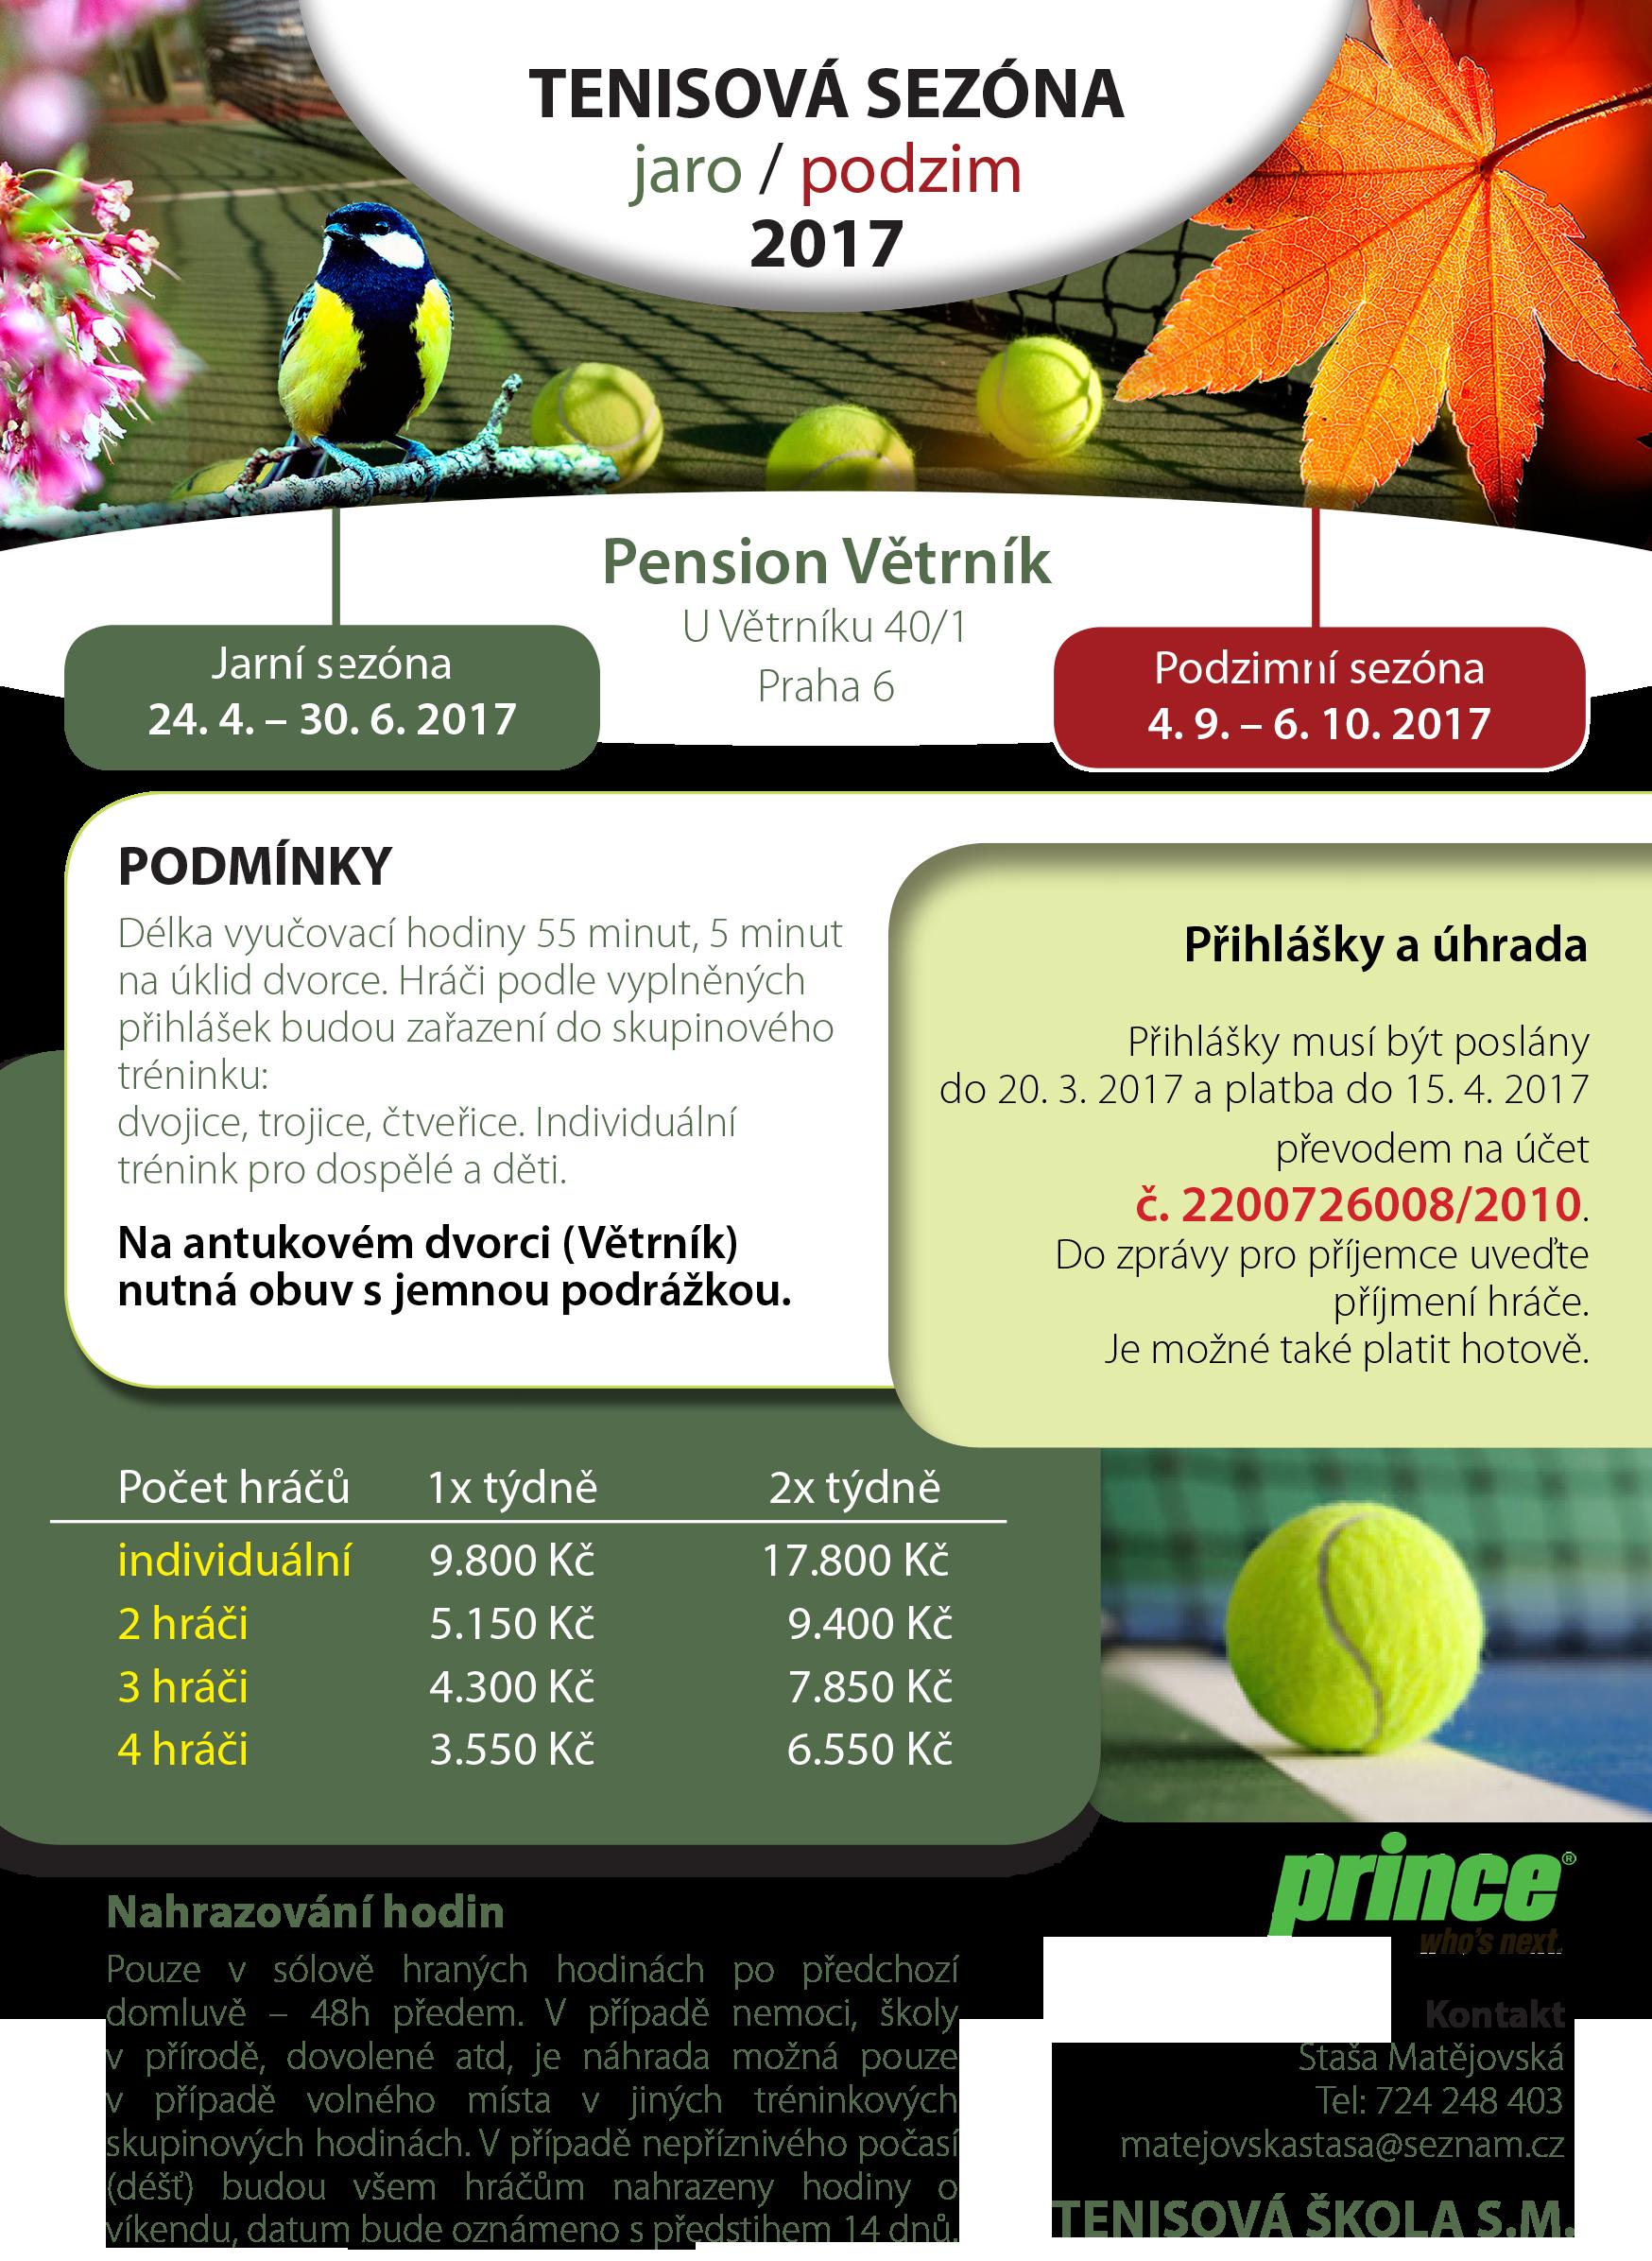 2017 jarní a podzimní tenis vetrnik